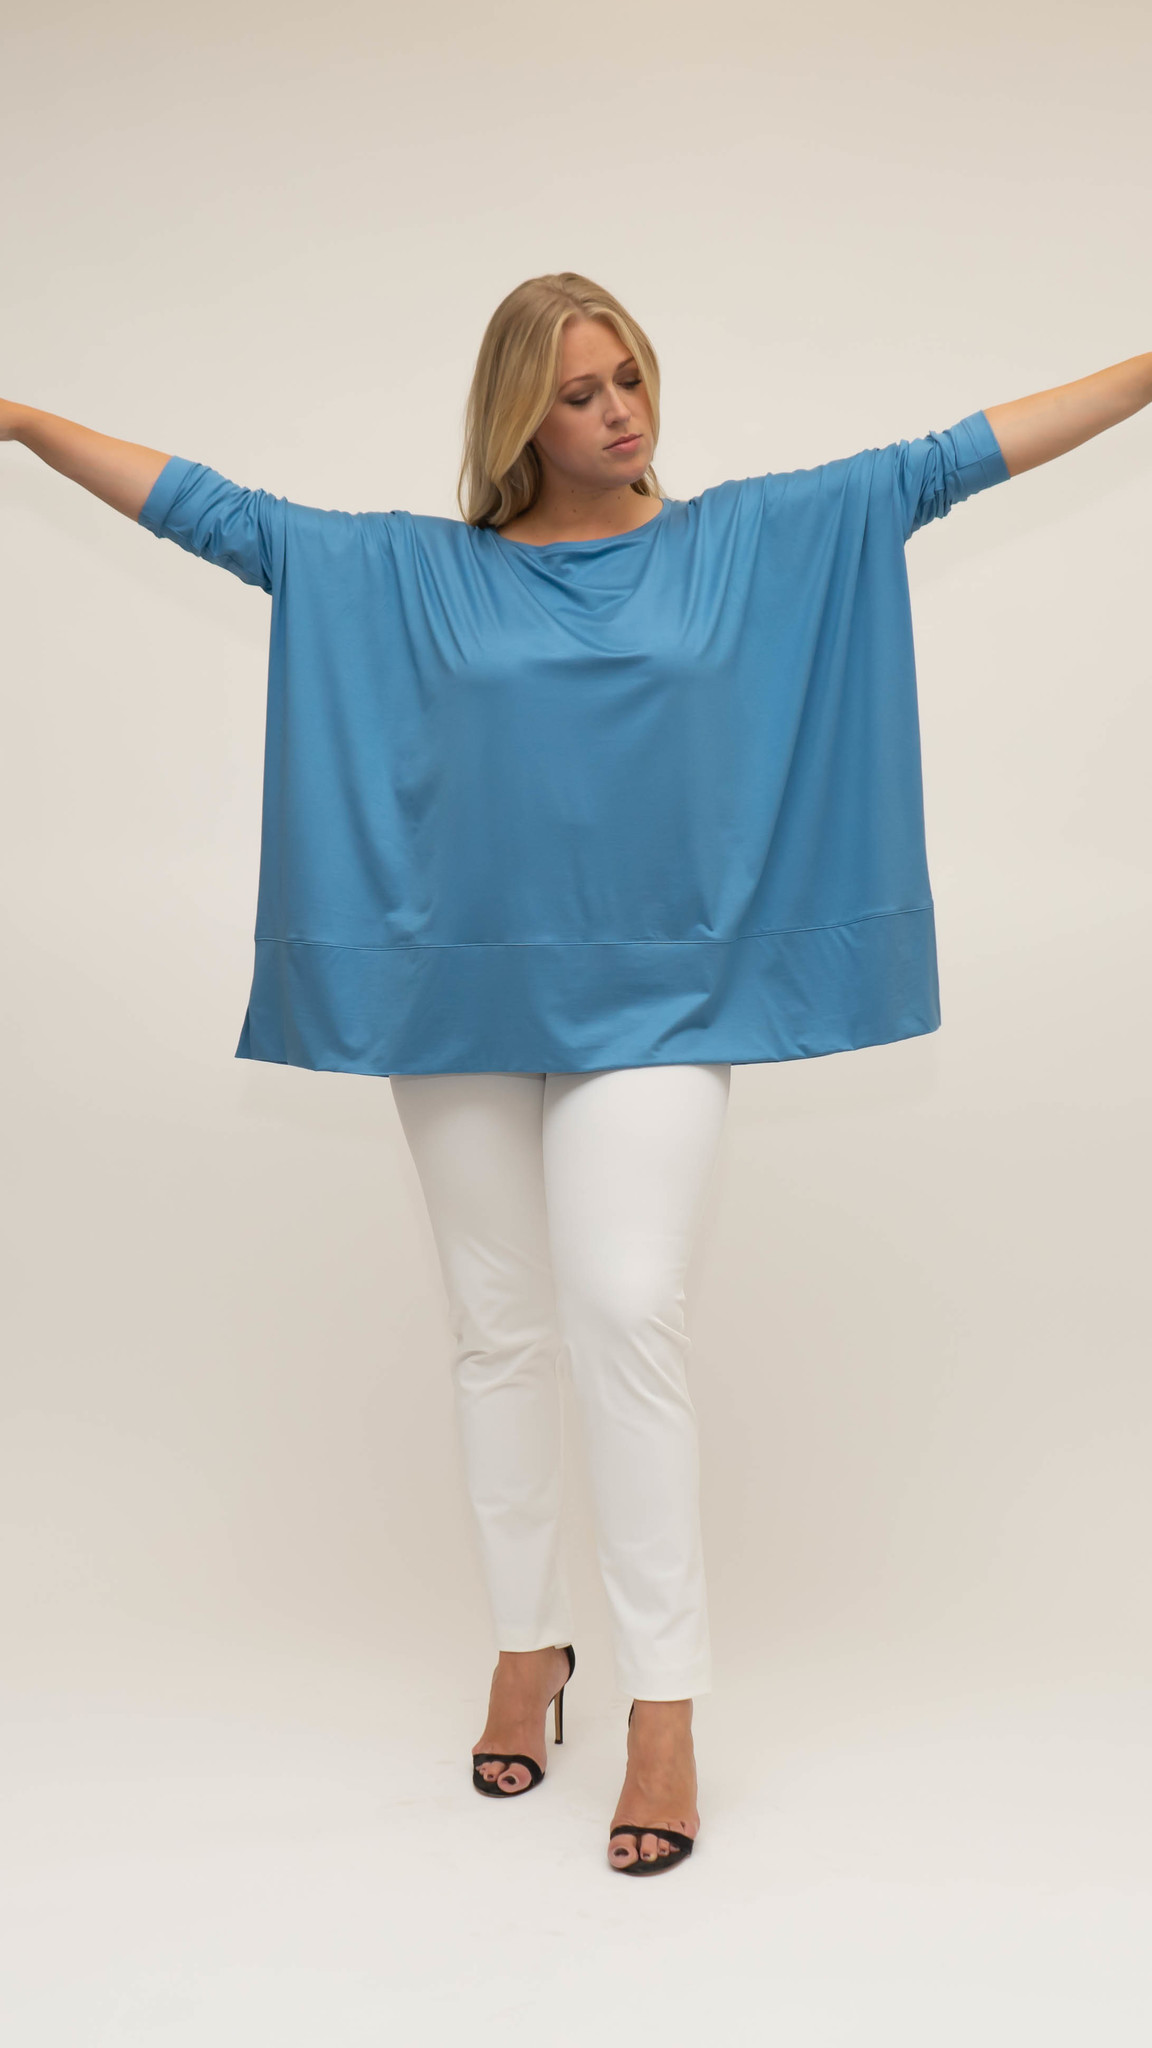 MAYA Shirt in Viscose-Jersey-11